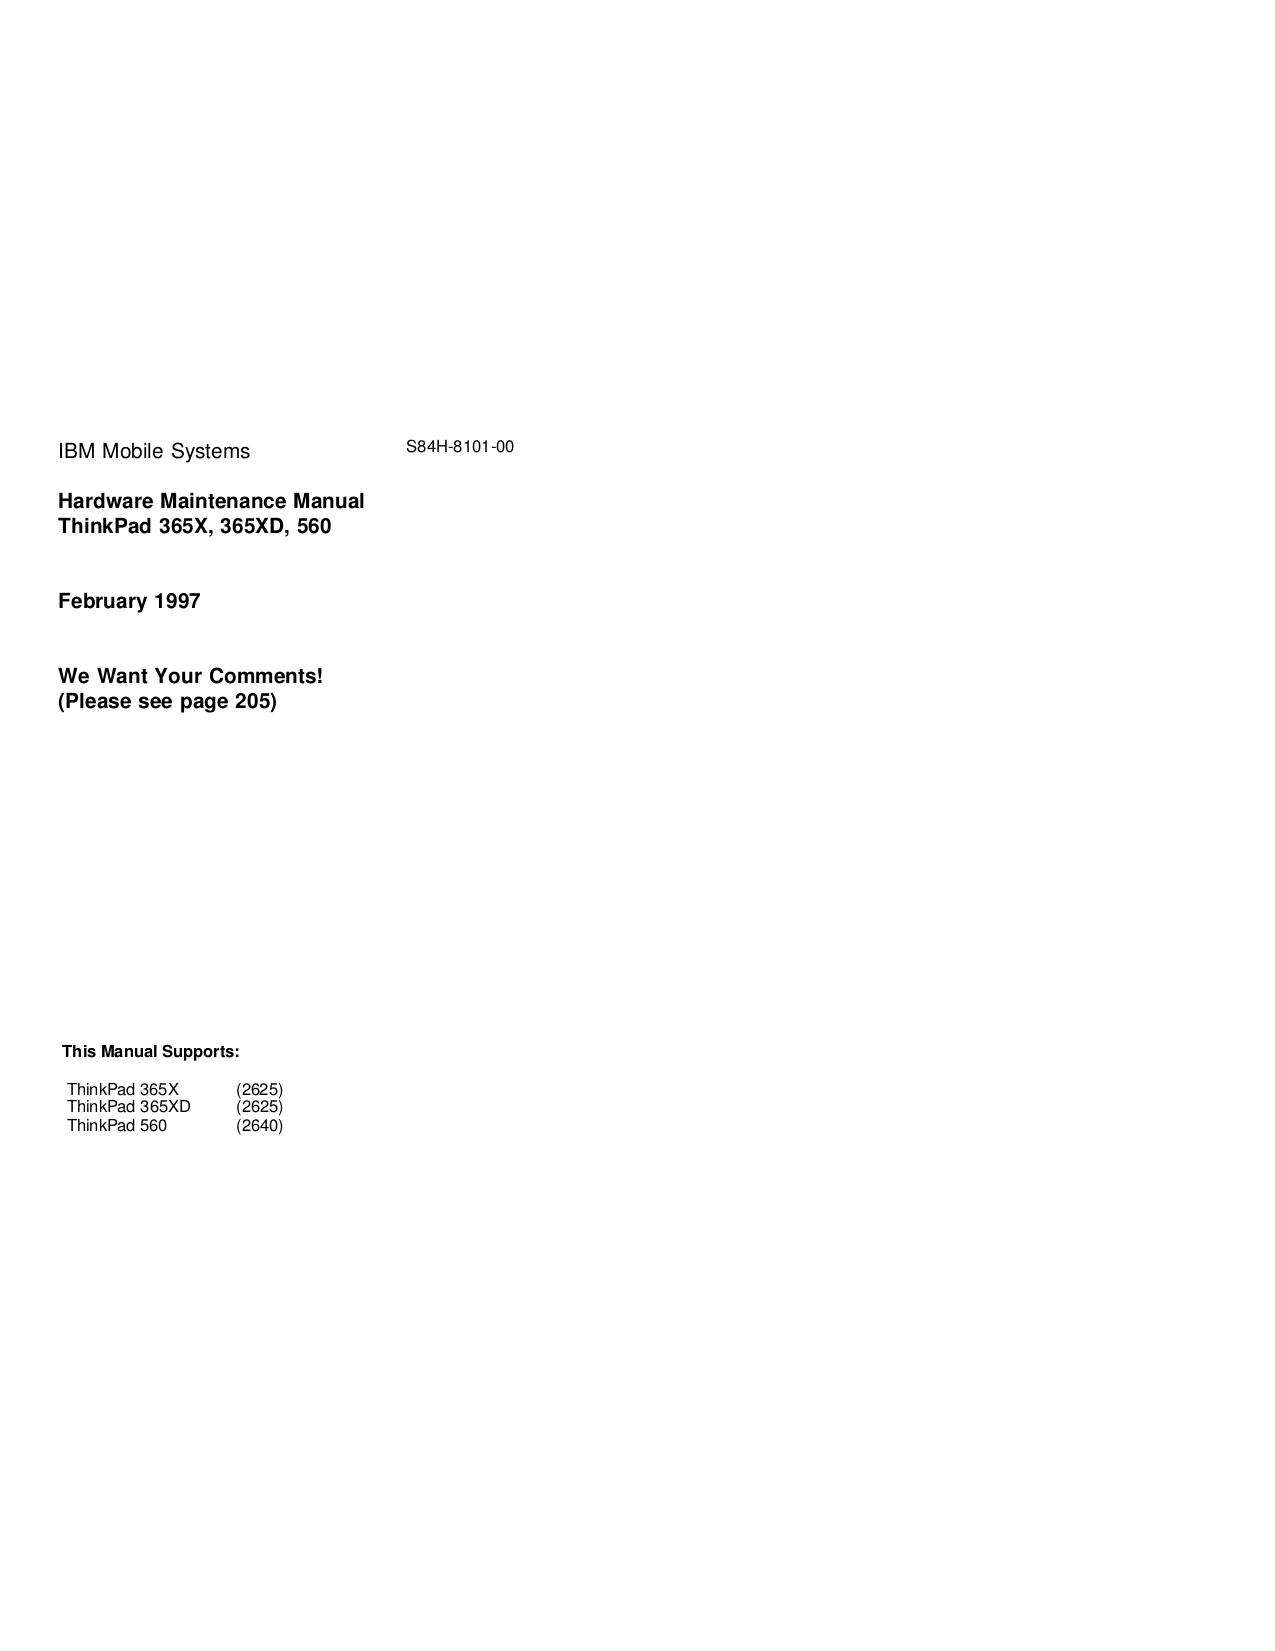 pdf for IBM Laptop ThinkPad 560X manual